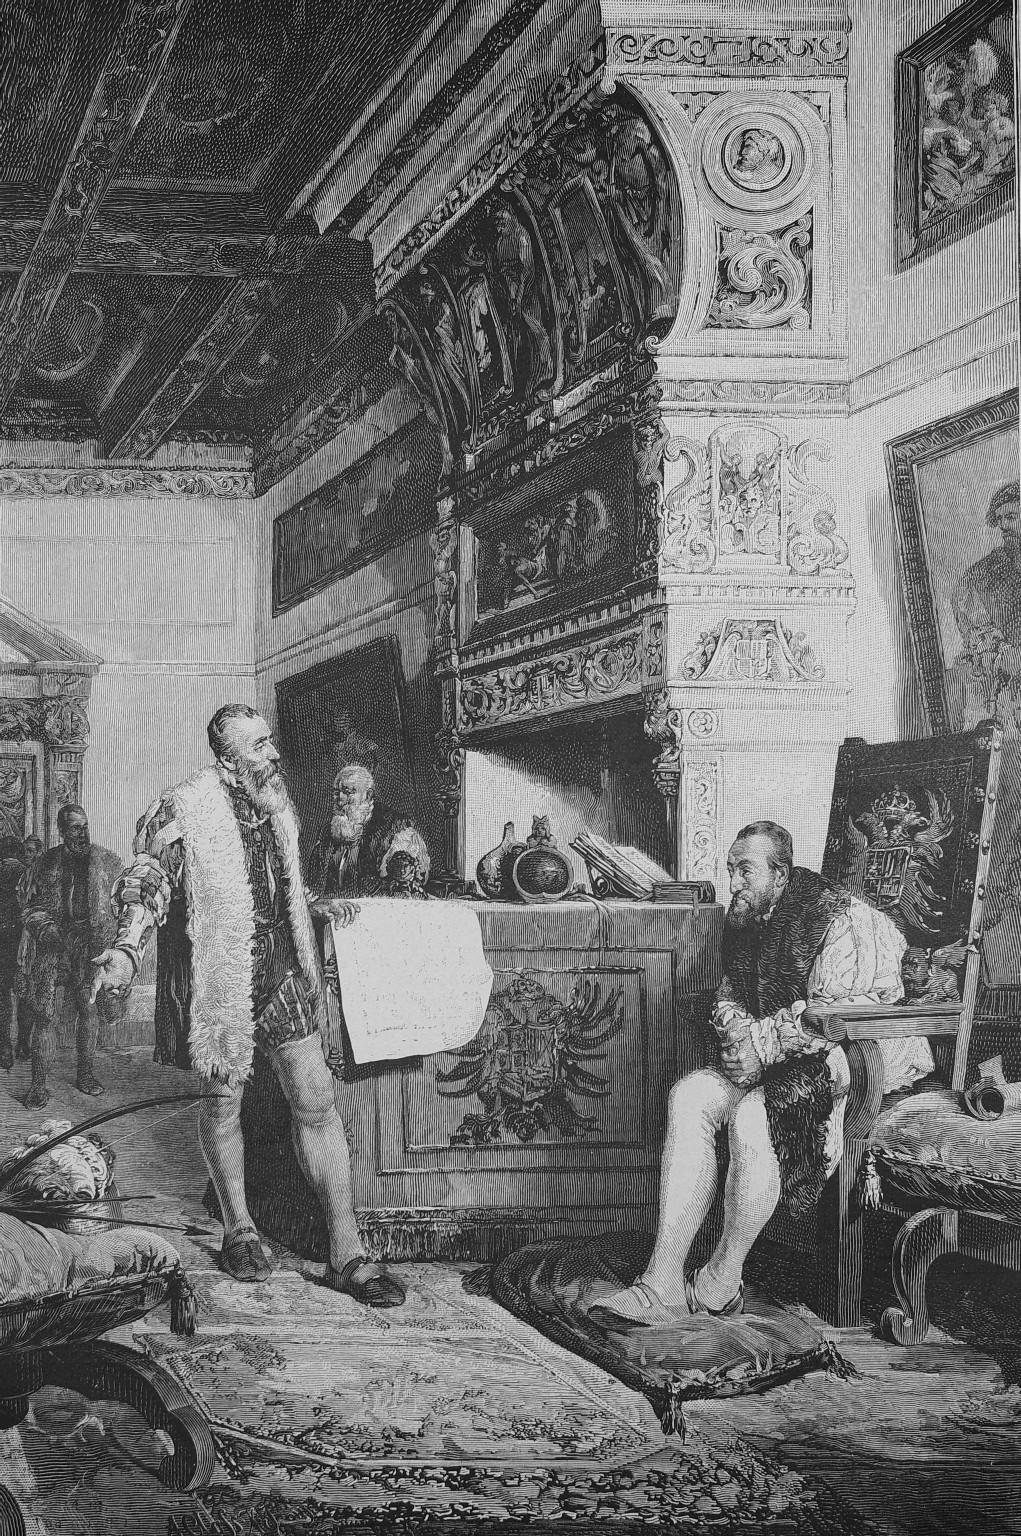 Capitulación de Toledo - Wikipedia, la enciclopedia libre